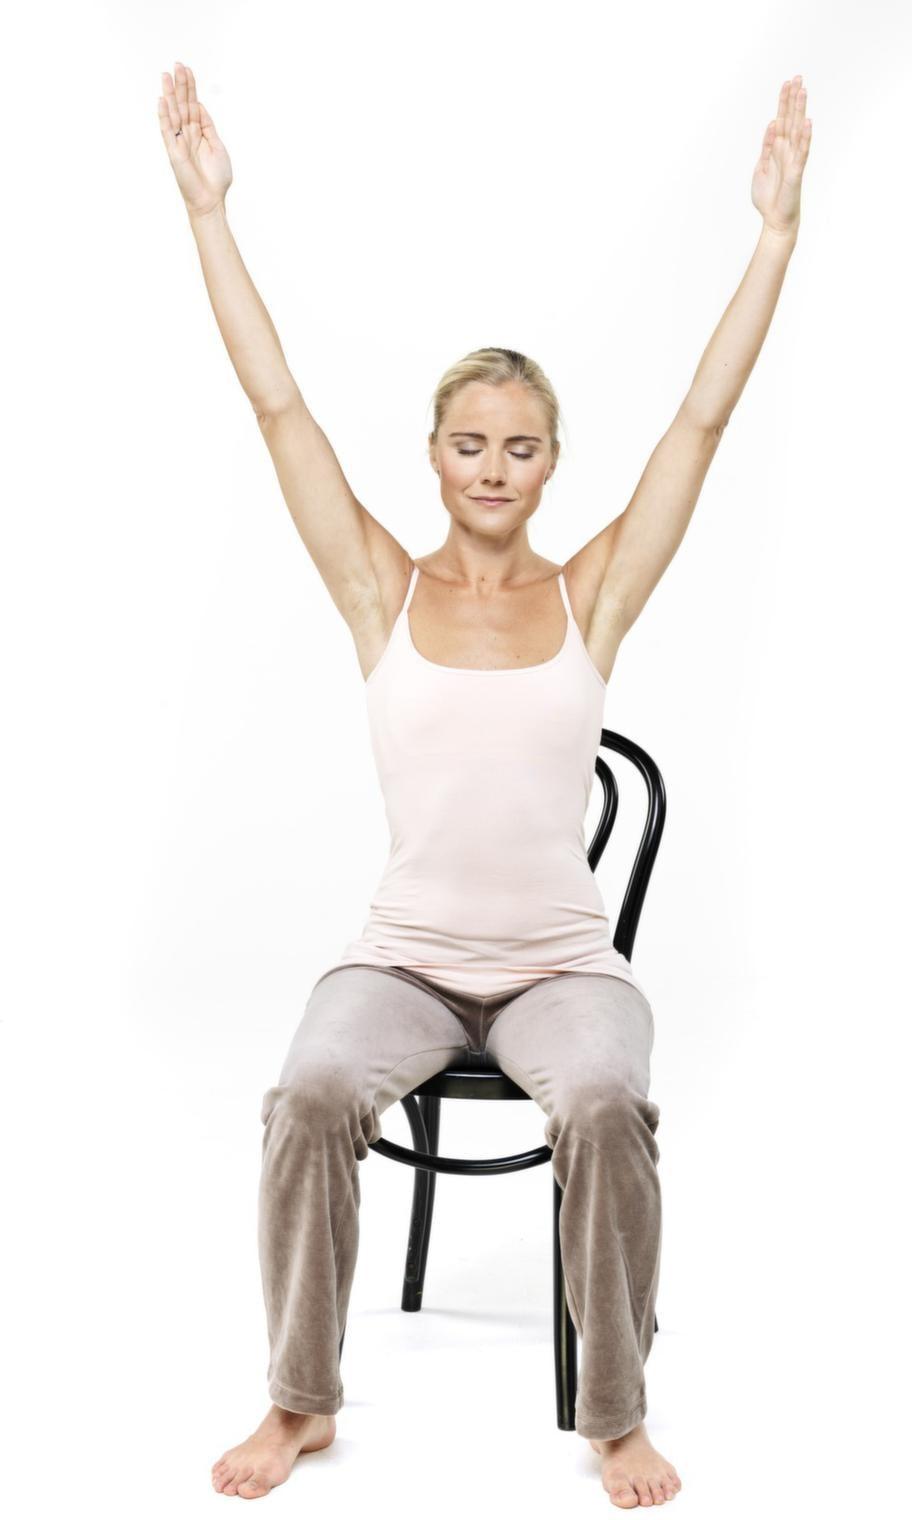 """<strong>1. Eldandning</strong><br>Sitt rak i ryggen, på en stol. Sträck armarna upp över huvudet, som två visare där klockan visar fem i ett. Ha slutna ögon och fokus i en punkt mellan ögonbrynen (genom alla tre övningar).<br>Börja eldandas med korta, lätta snabba andetag genom näsan. Tänk mantrat """"sat"""" när du andas in och """"nam"""" när du andas ut i takt med andetagen. När du andas in går magen ut, när du andas ut dras magen in. Håll på i en till tre minuter.<br>Avsluta med rotlås: Andas ut, håll och knip samtidigt bäckenbotten, urinvägstrakt och mage. Håll tio sekunder. Andas in, slappna av, vila en till två minuter.<br>"""